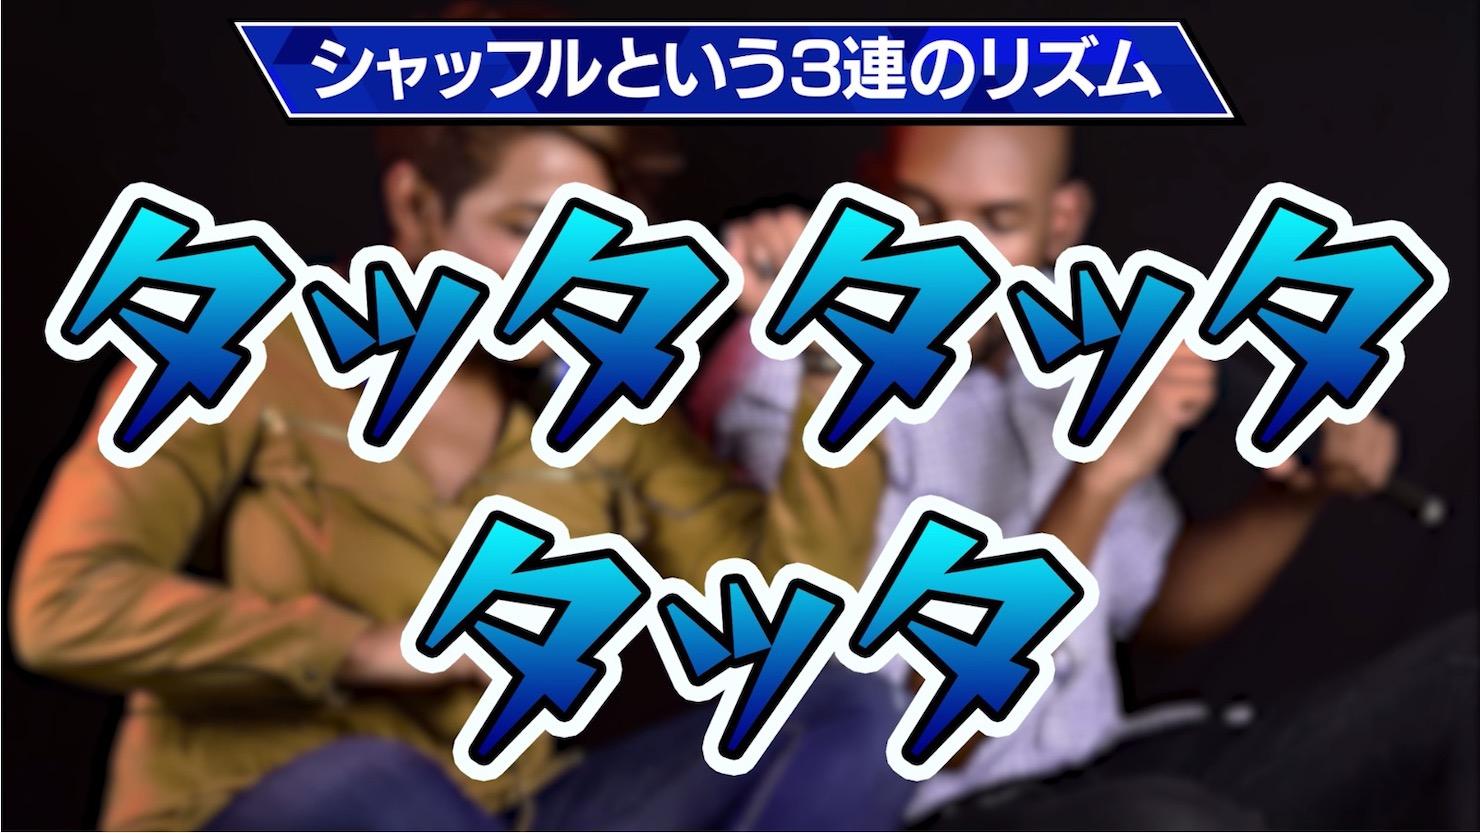 hayasaka_06_05